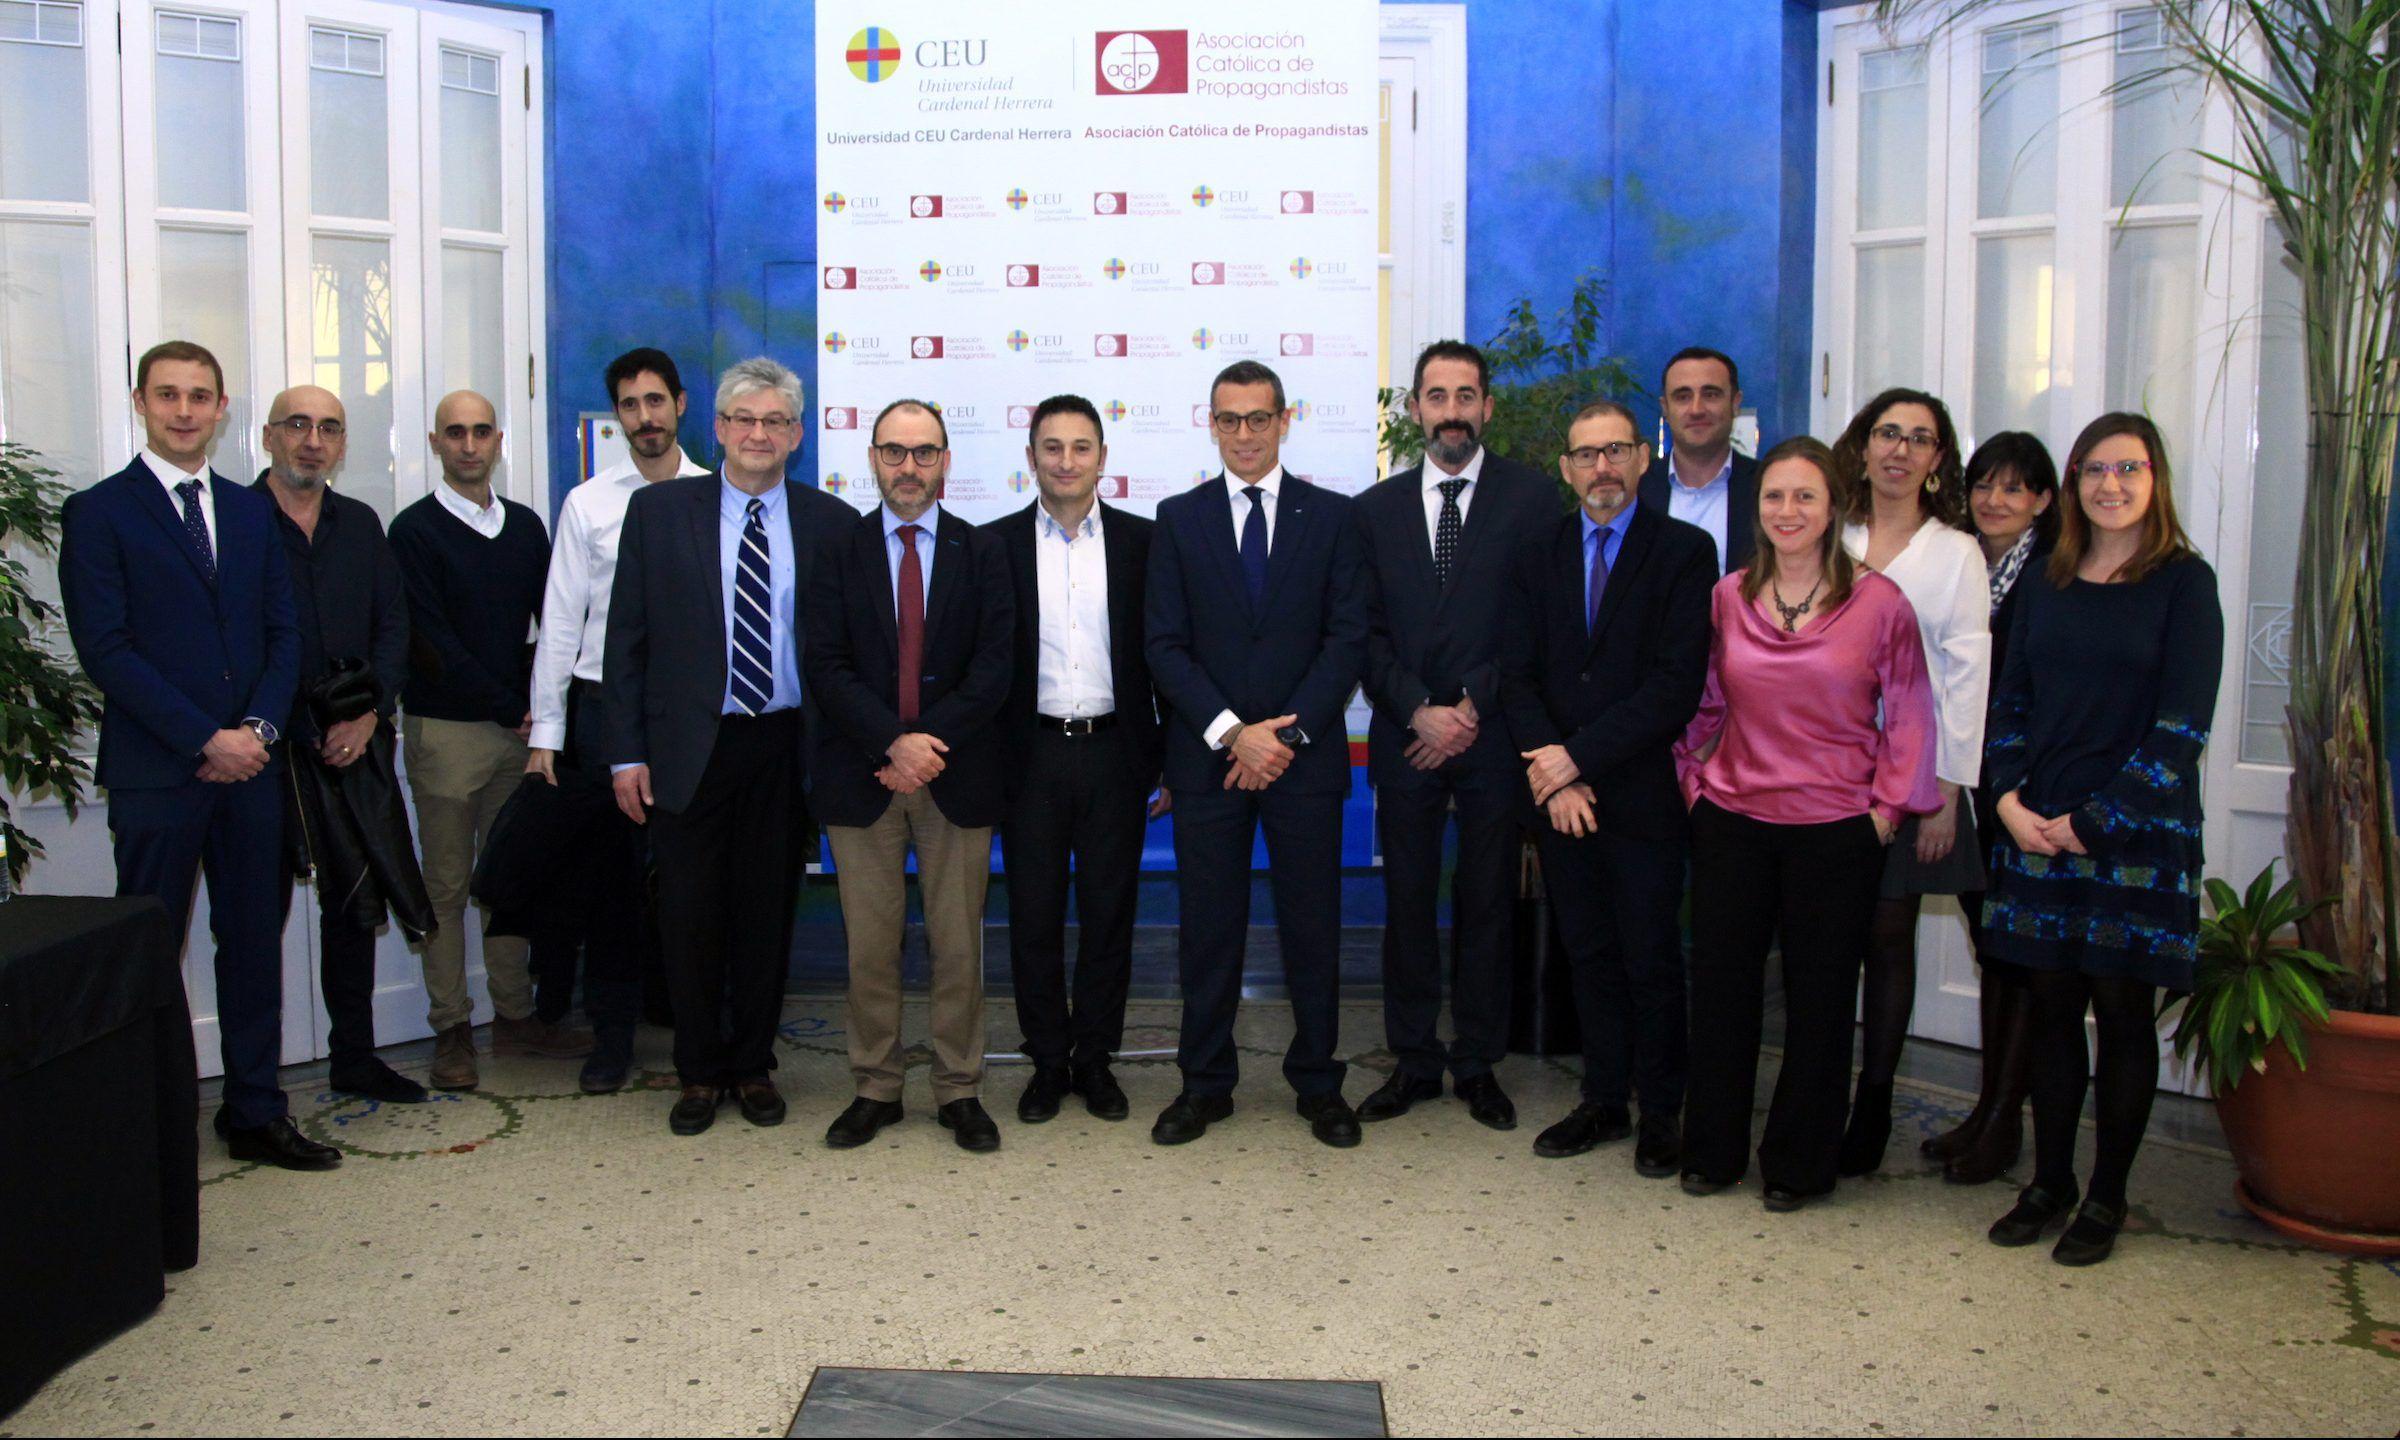 Oleg Gusikhin, Technical Leader de la sede central de Ford en Deaborn, e Ignacio Pérez, vicerrector de Investigación de la CEU UCH, con los investigadores del CEU y de Ford Valencia integrantes del equipo investigador.